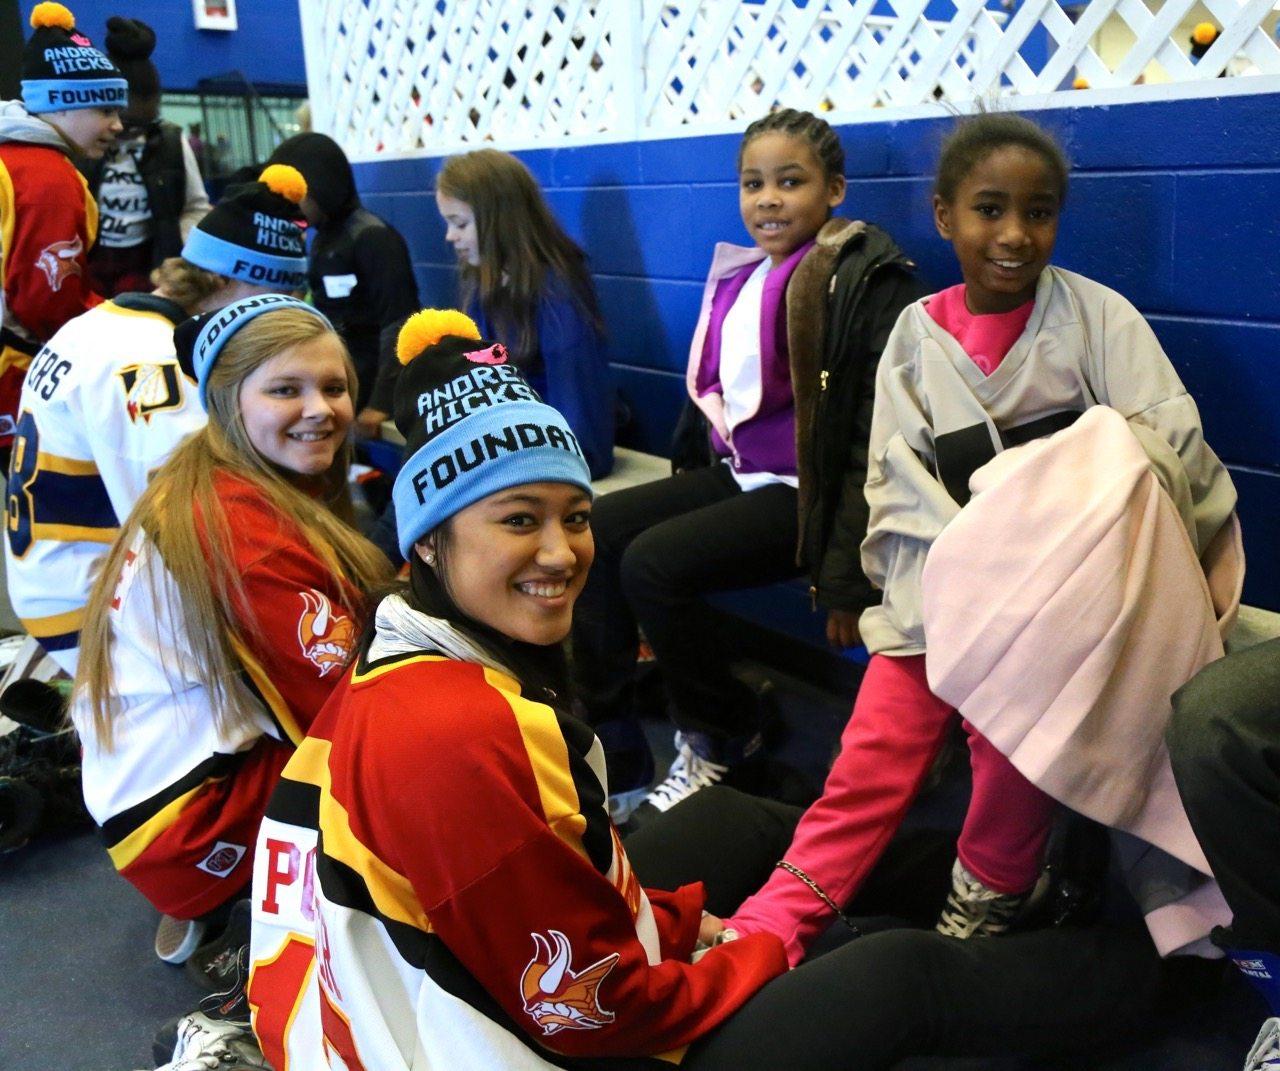 East girls skates on